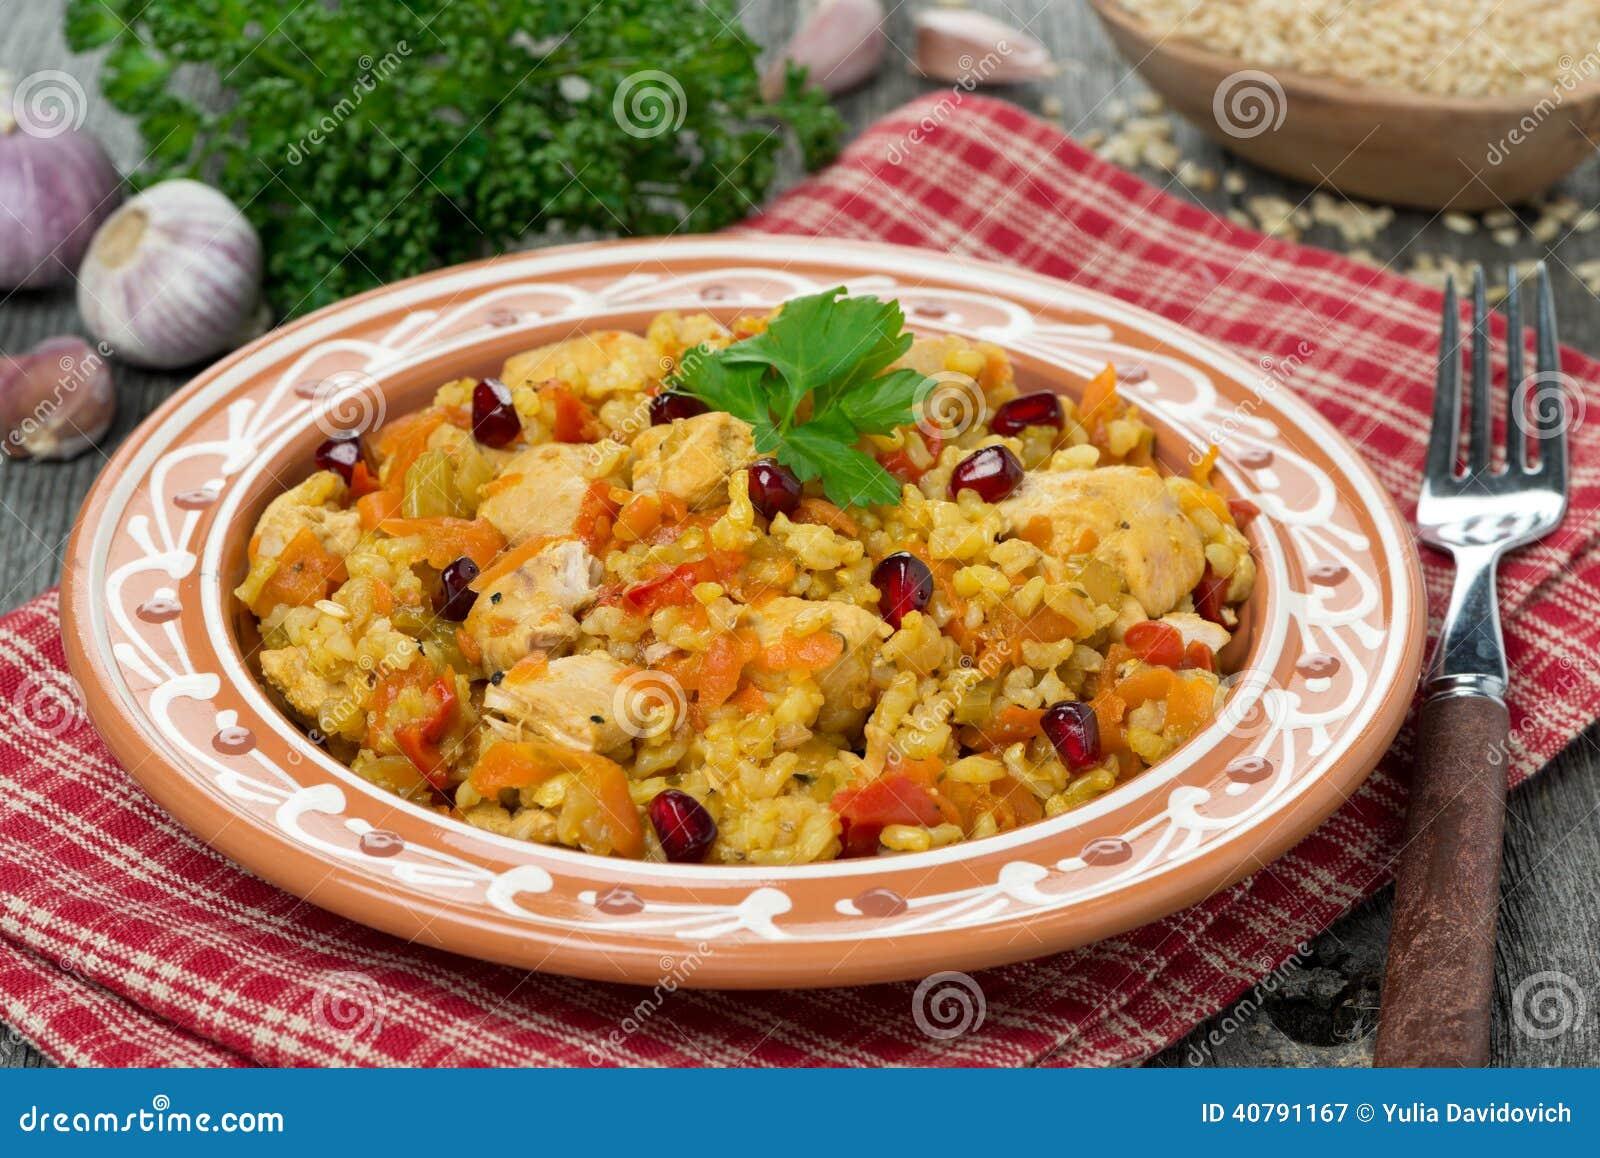 Pilaff med höna och grönsaker